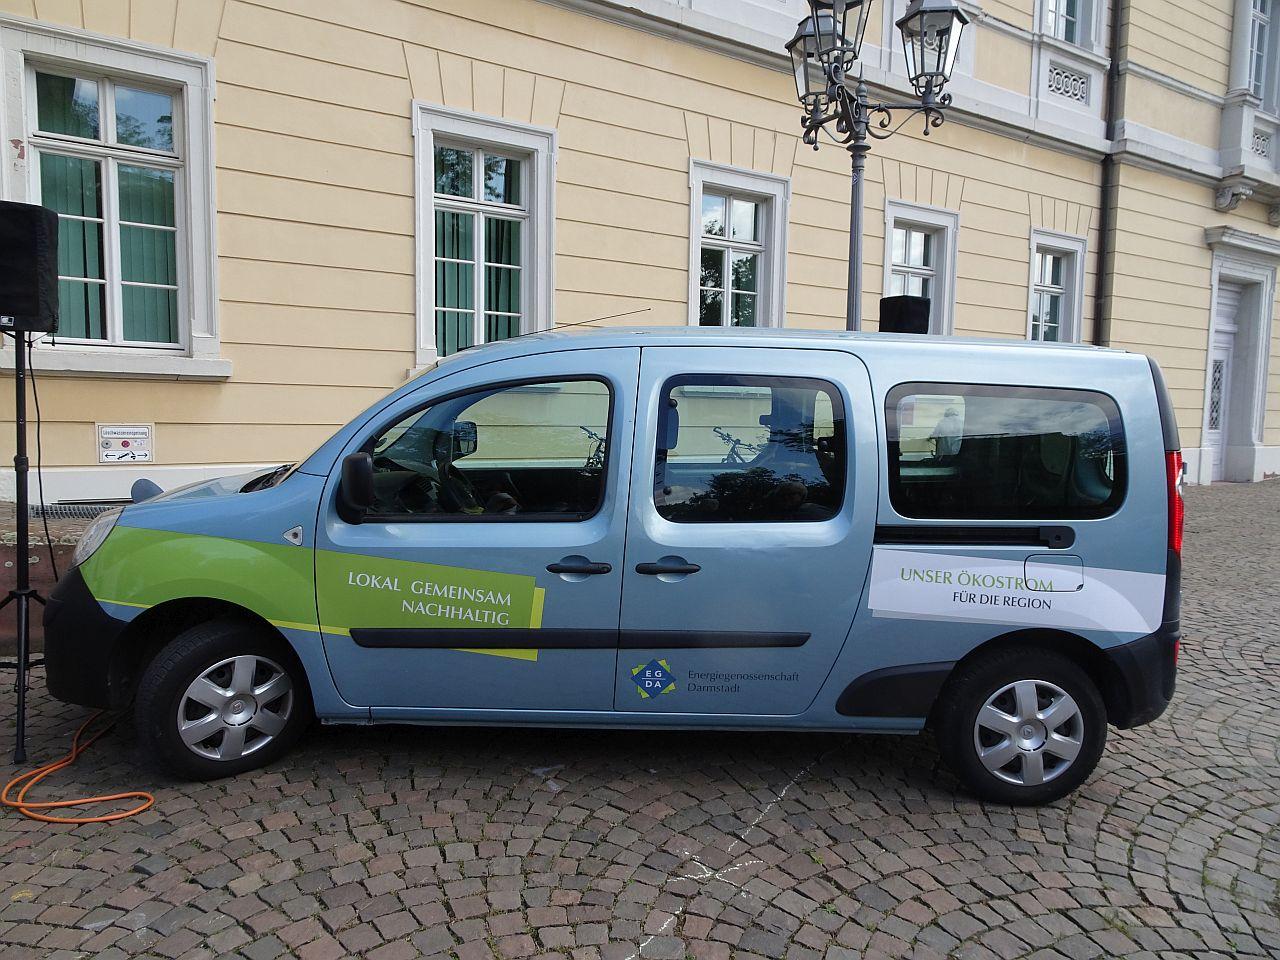 E-Auto mit Werbung für Energiegenossenschaft Darmstadt (EG-DA)